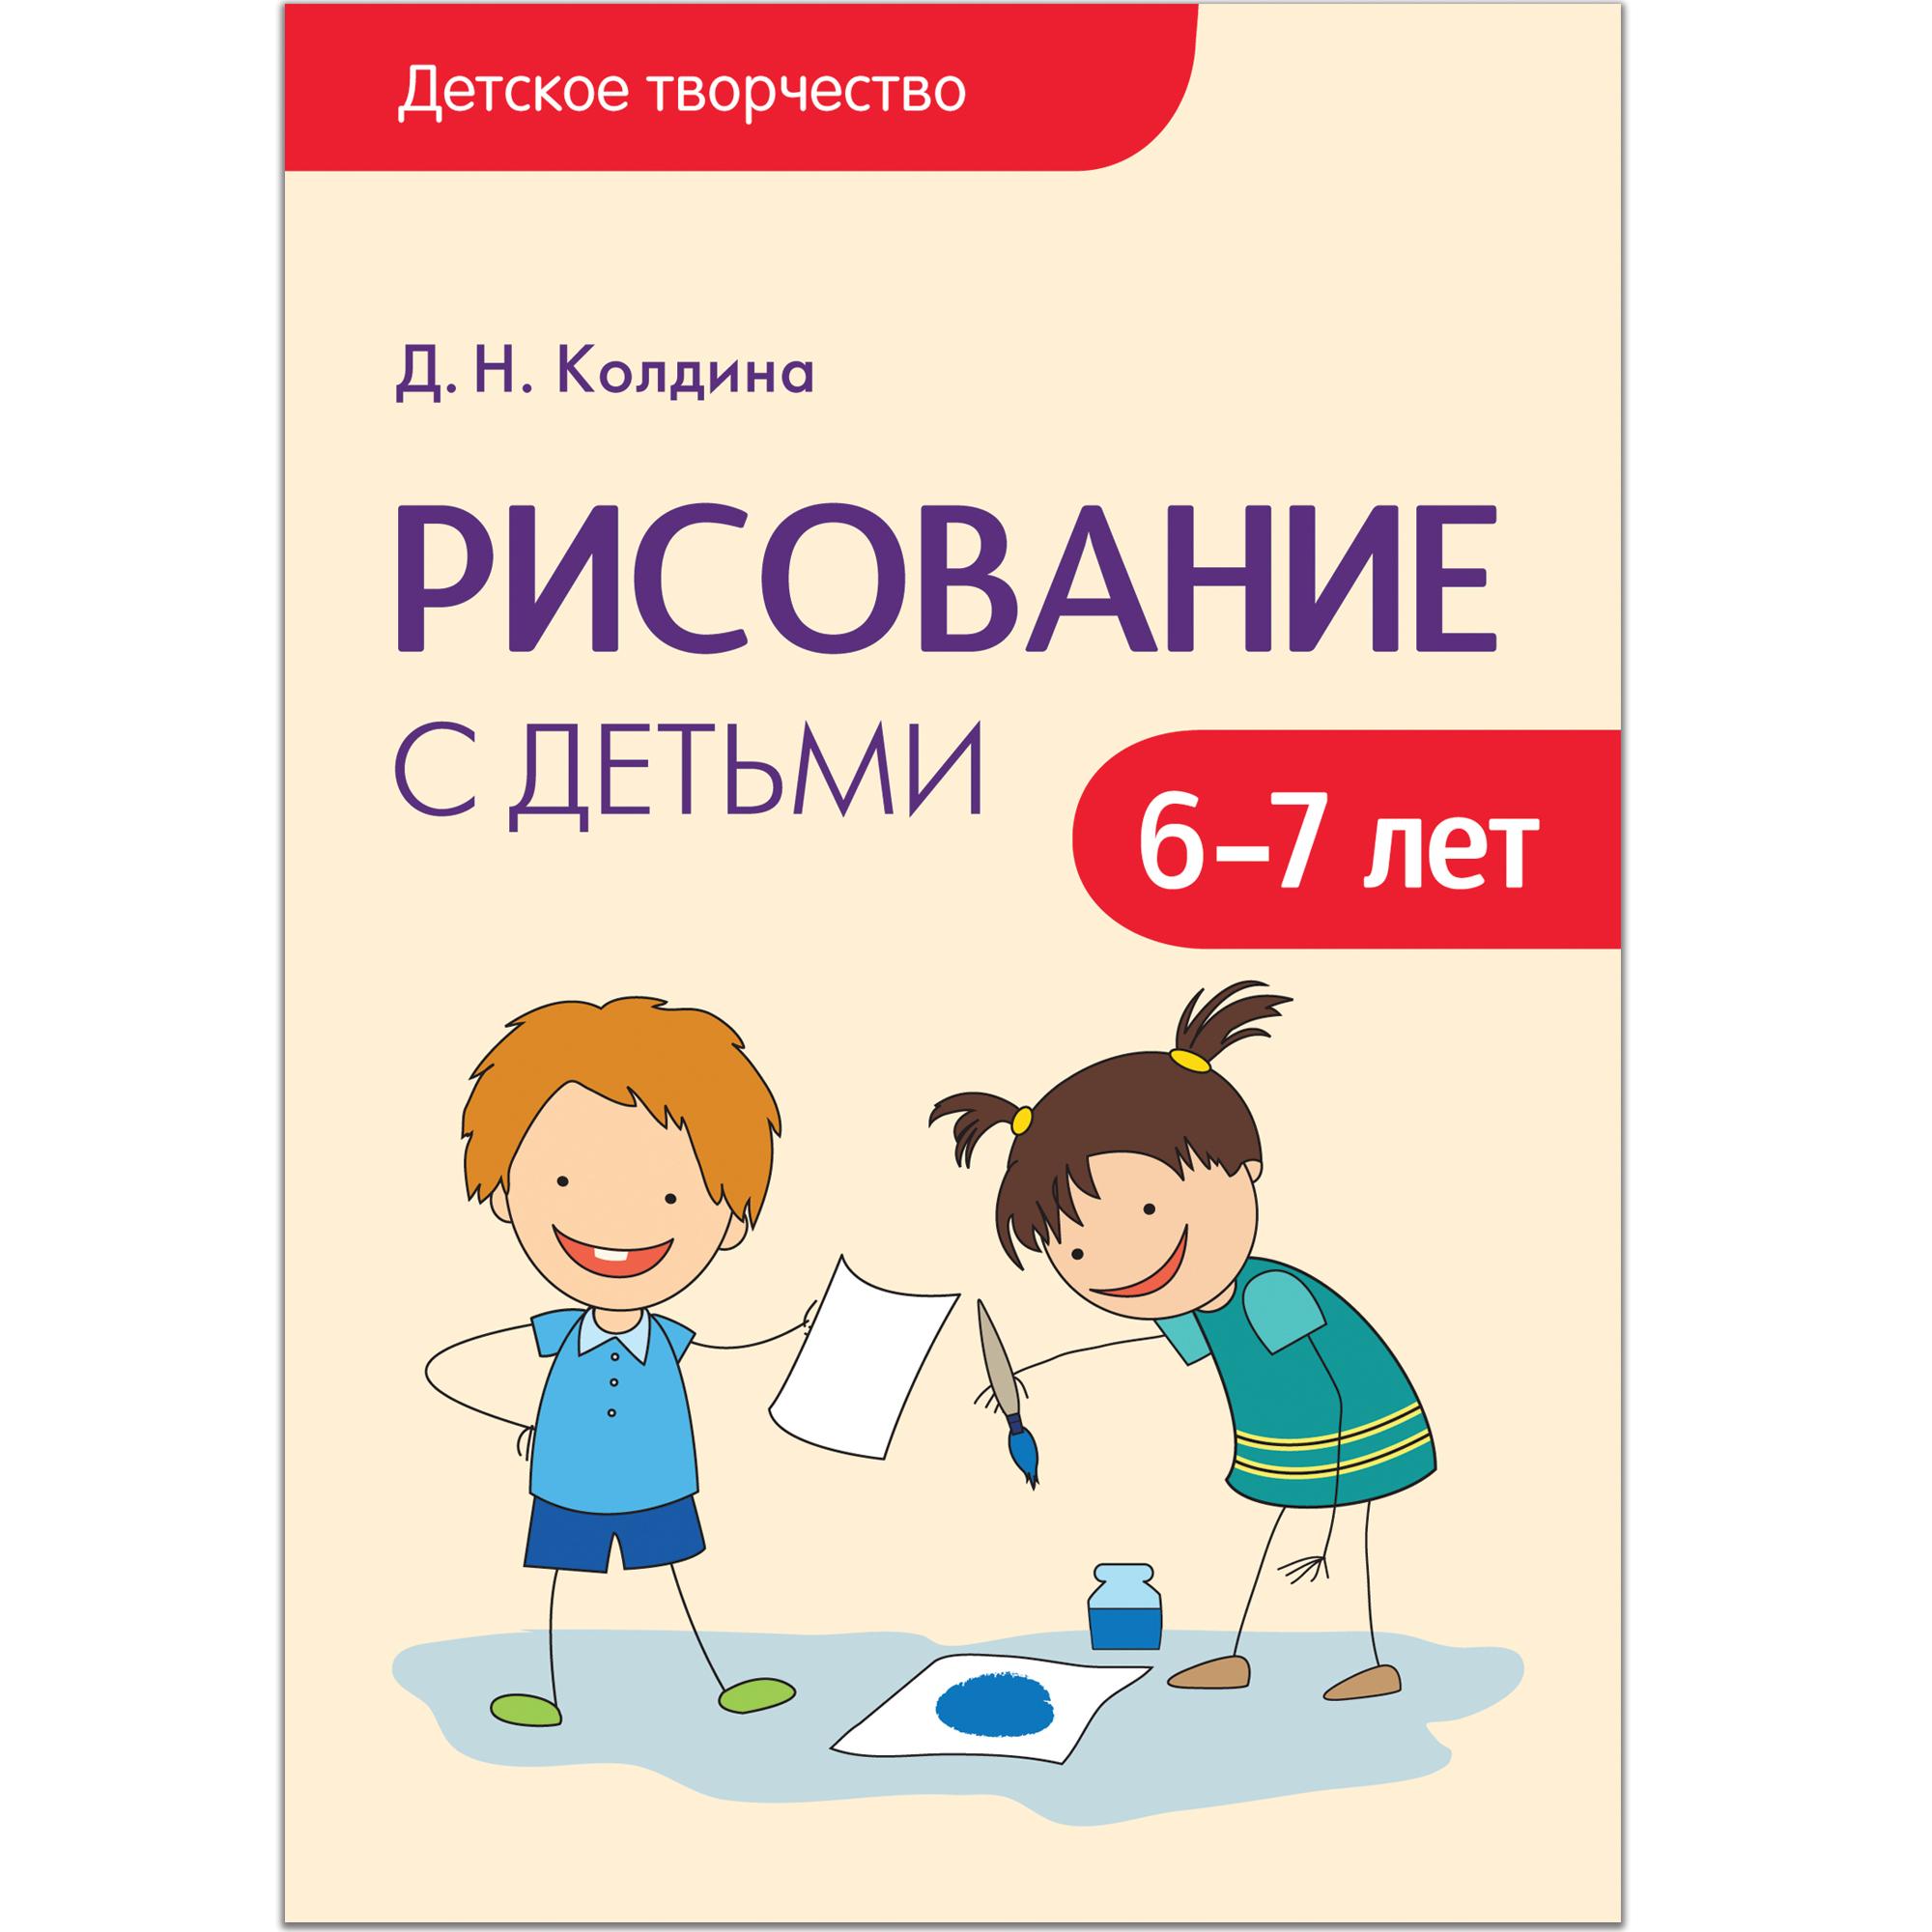 Рисование с детьми 6-7 лет: Сценарии занятий